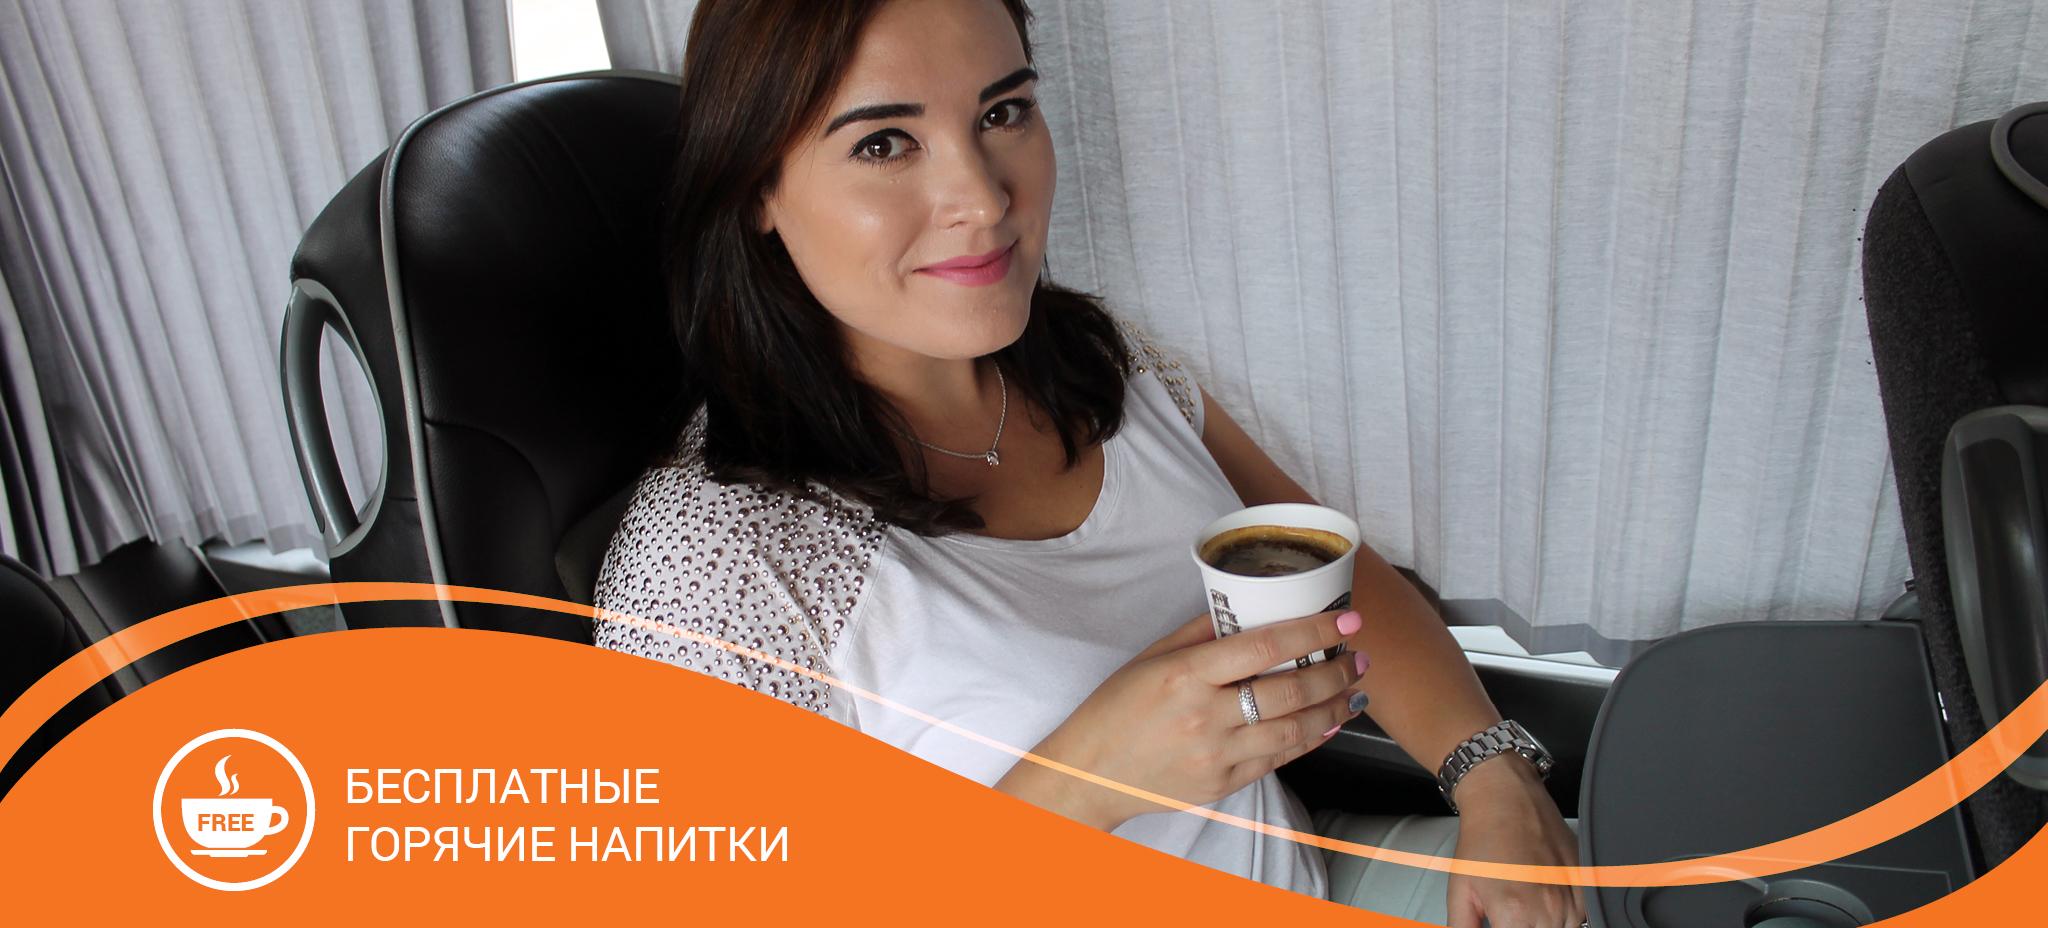 Кофе/Чай в автобусах TransTempo